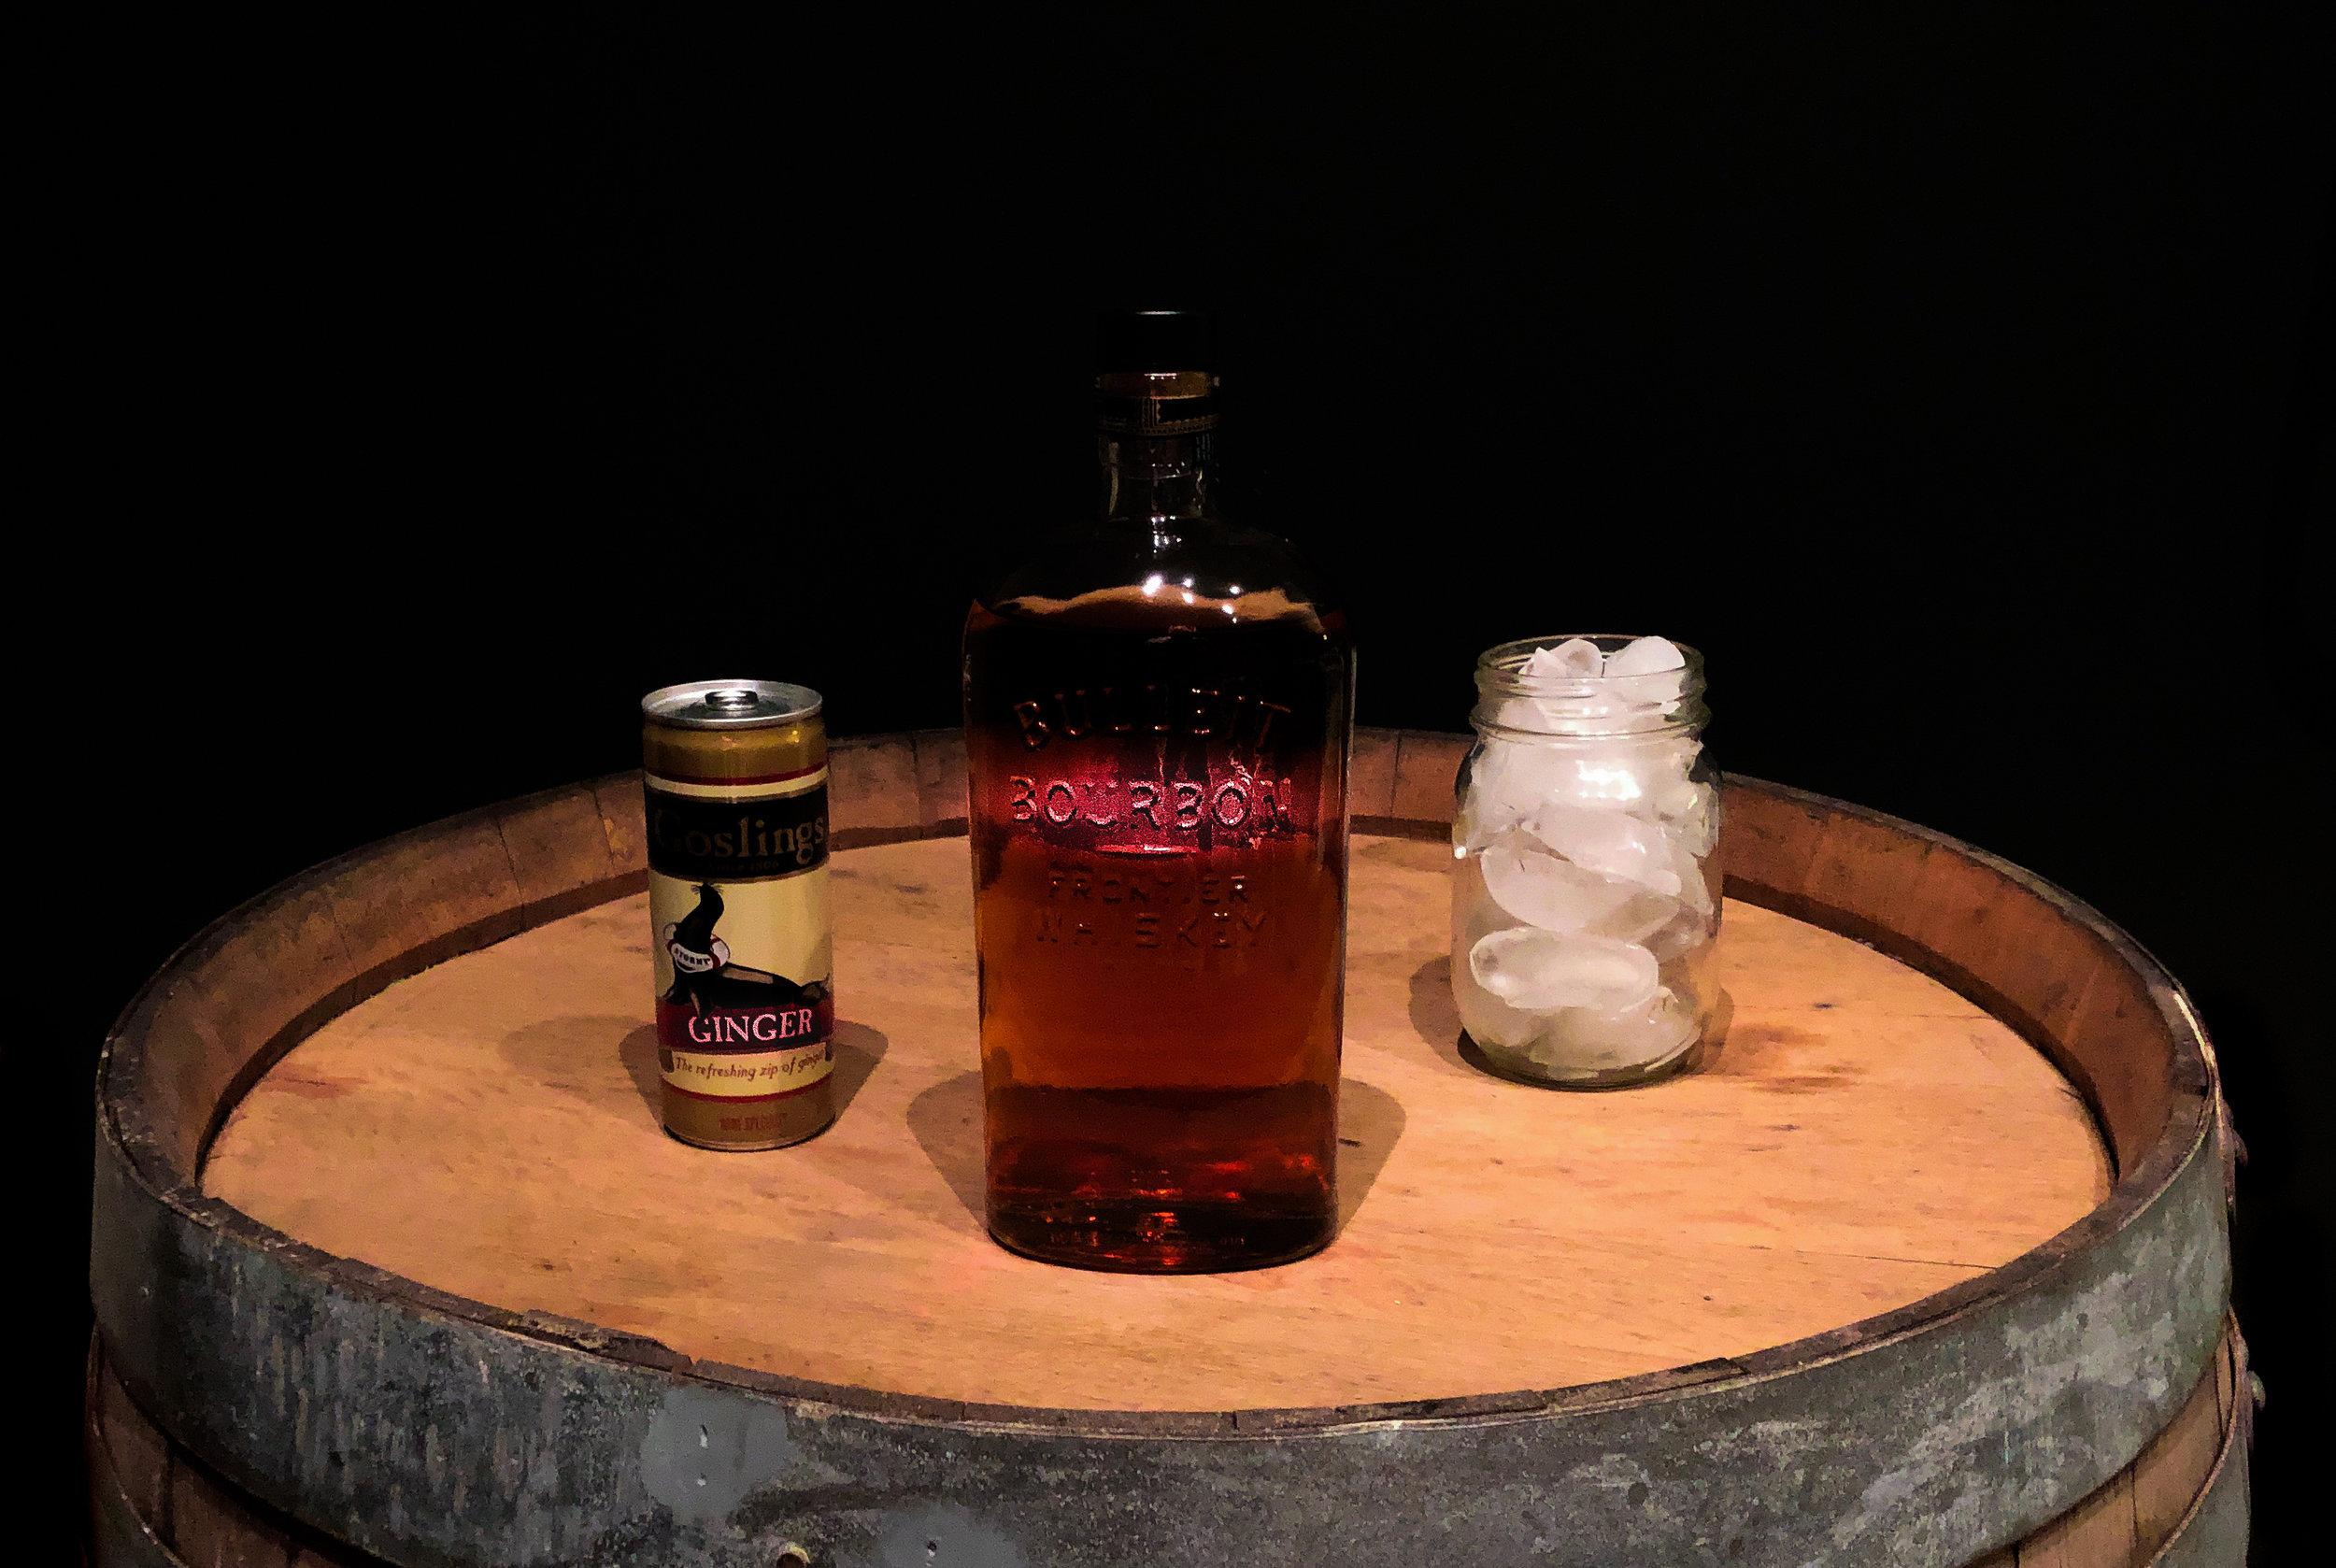 Gueule de bois - 1 part bourbon2 parts ginger ale2 ice cubes